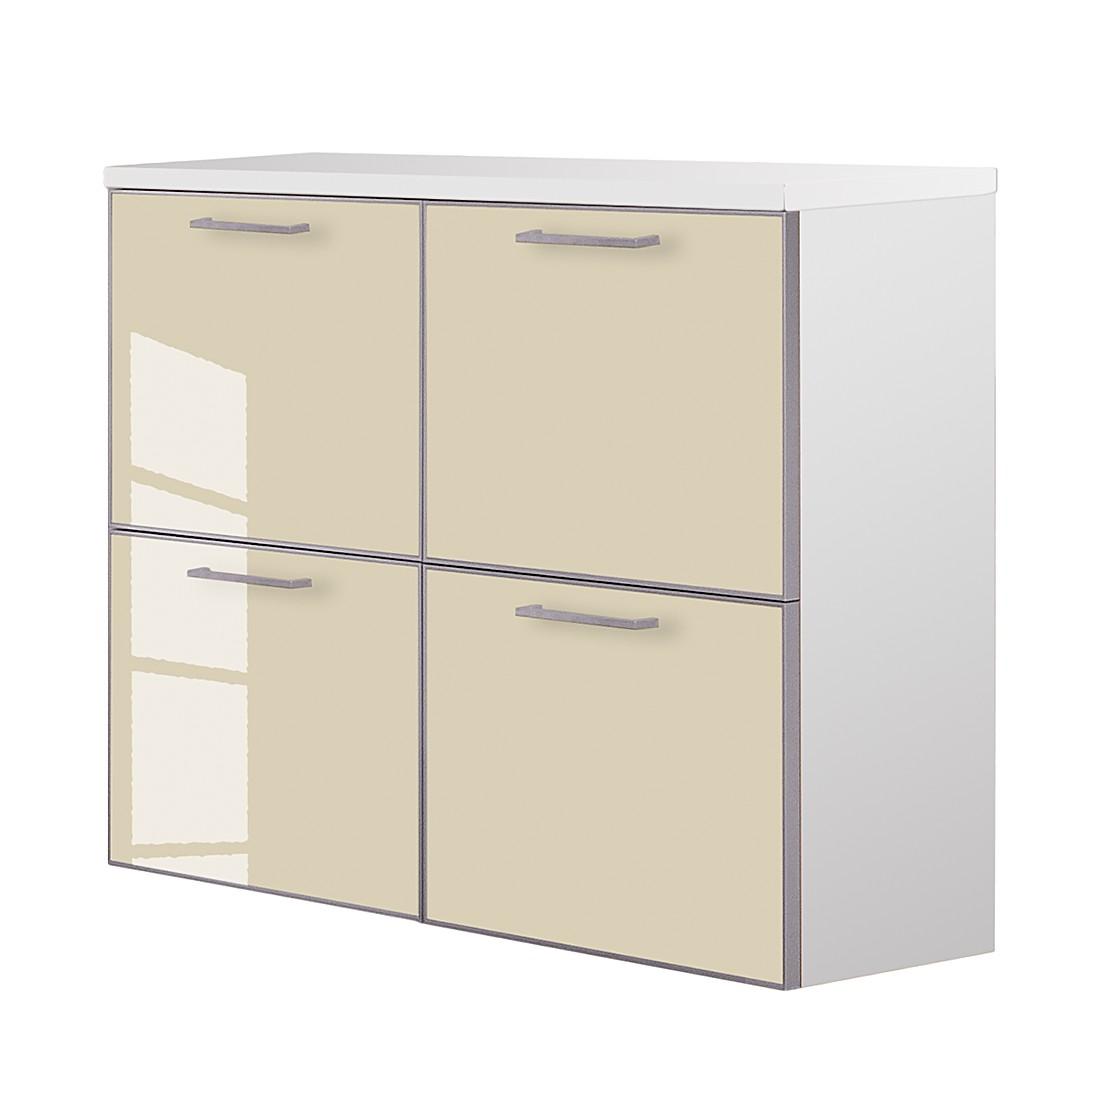 Hängeschuhschrank Sarota II – Weiß/Glas Elfenbein, Voss jetzt kaufen